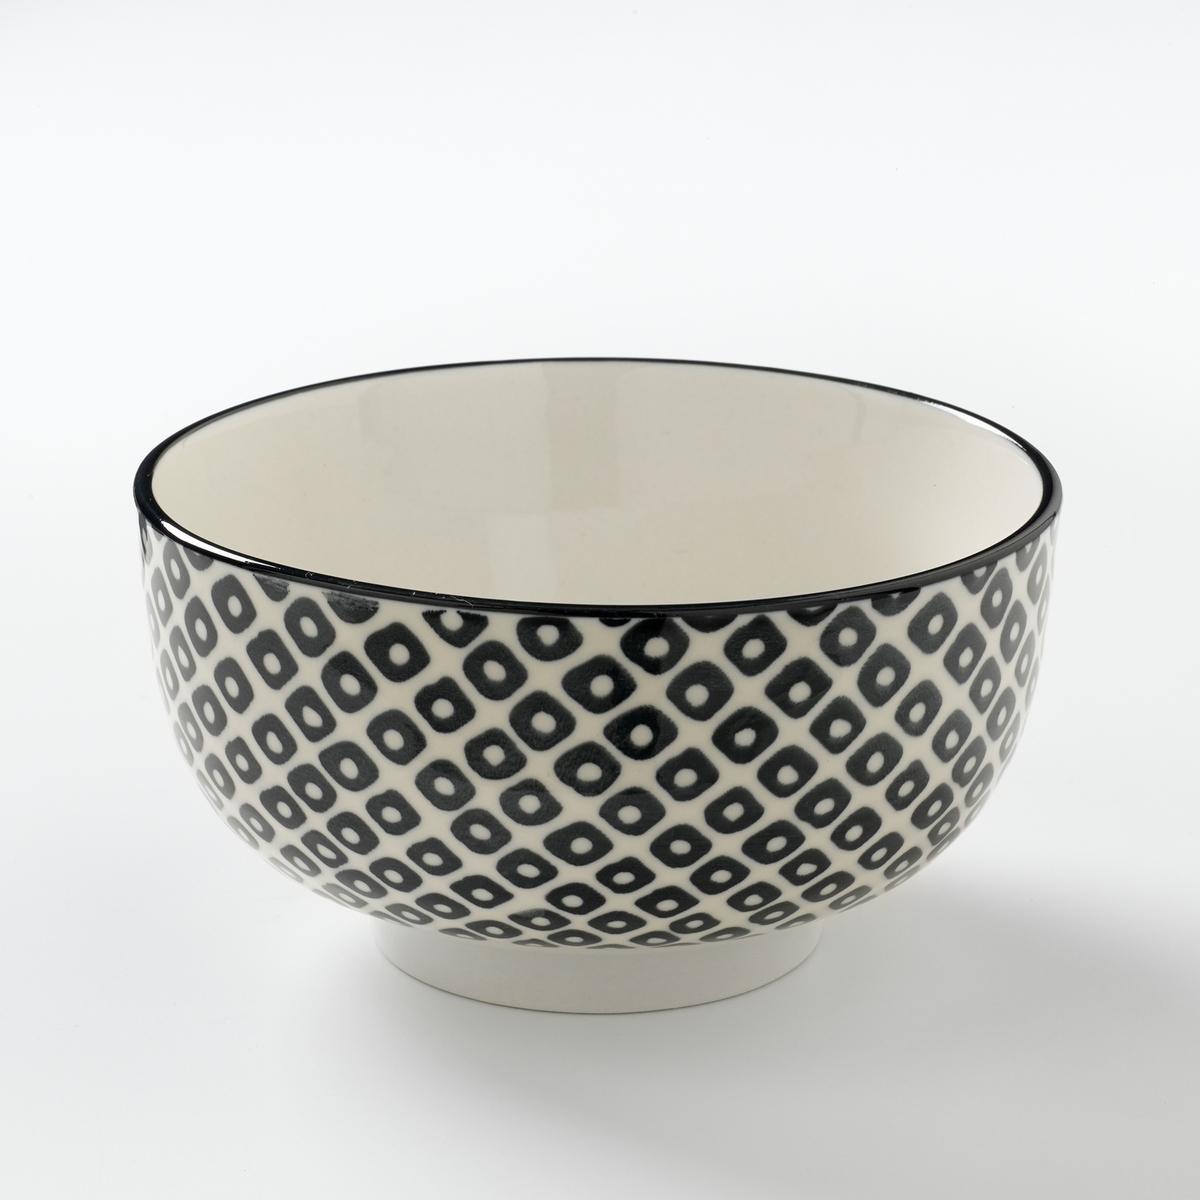 Комплект из 4 мисок из фарфора Akiva 4 тарелки мелкие фарфоровые shigoni